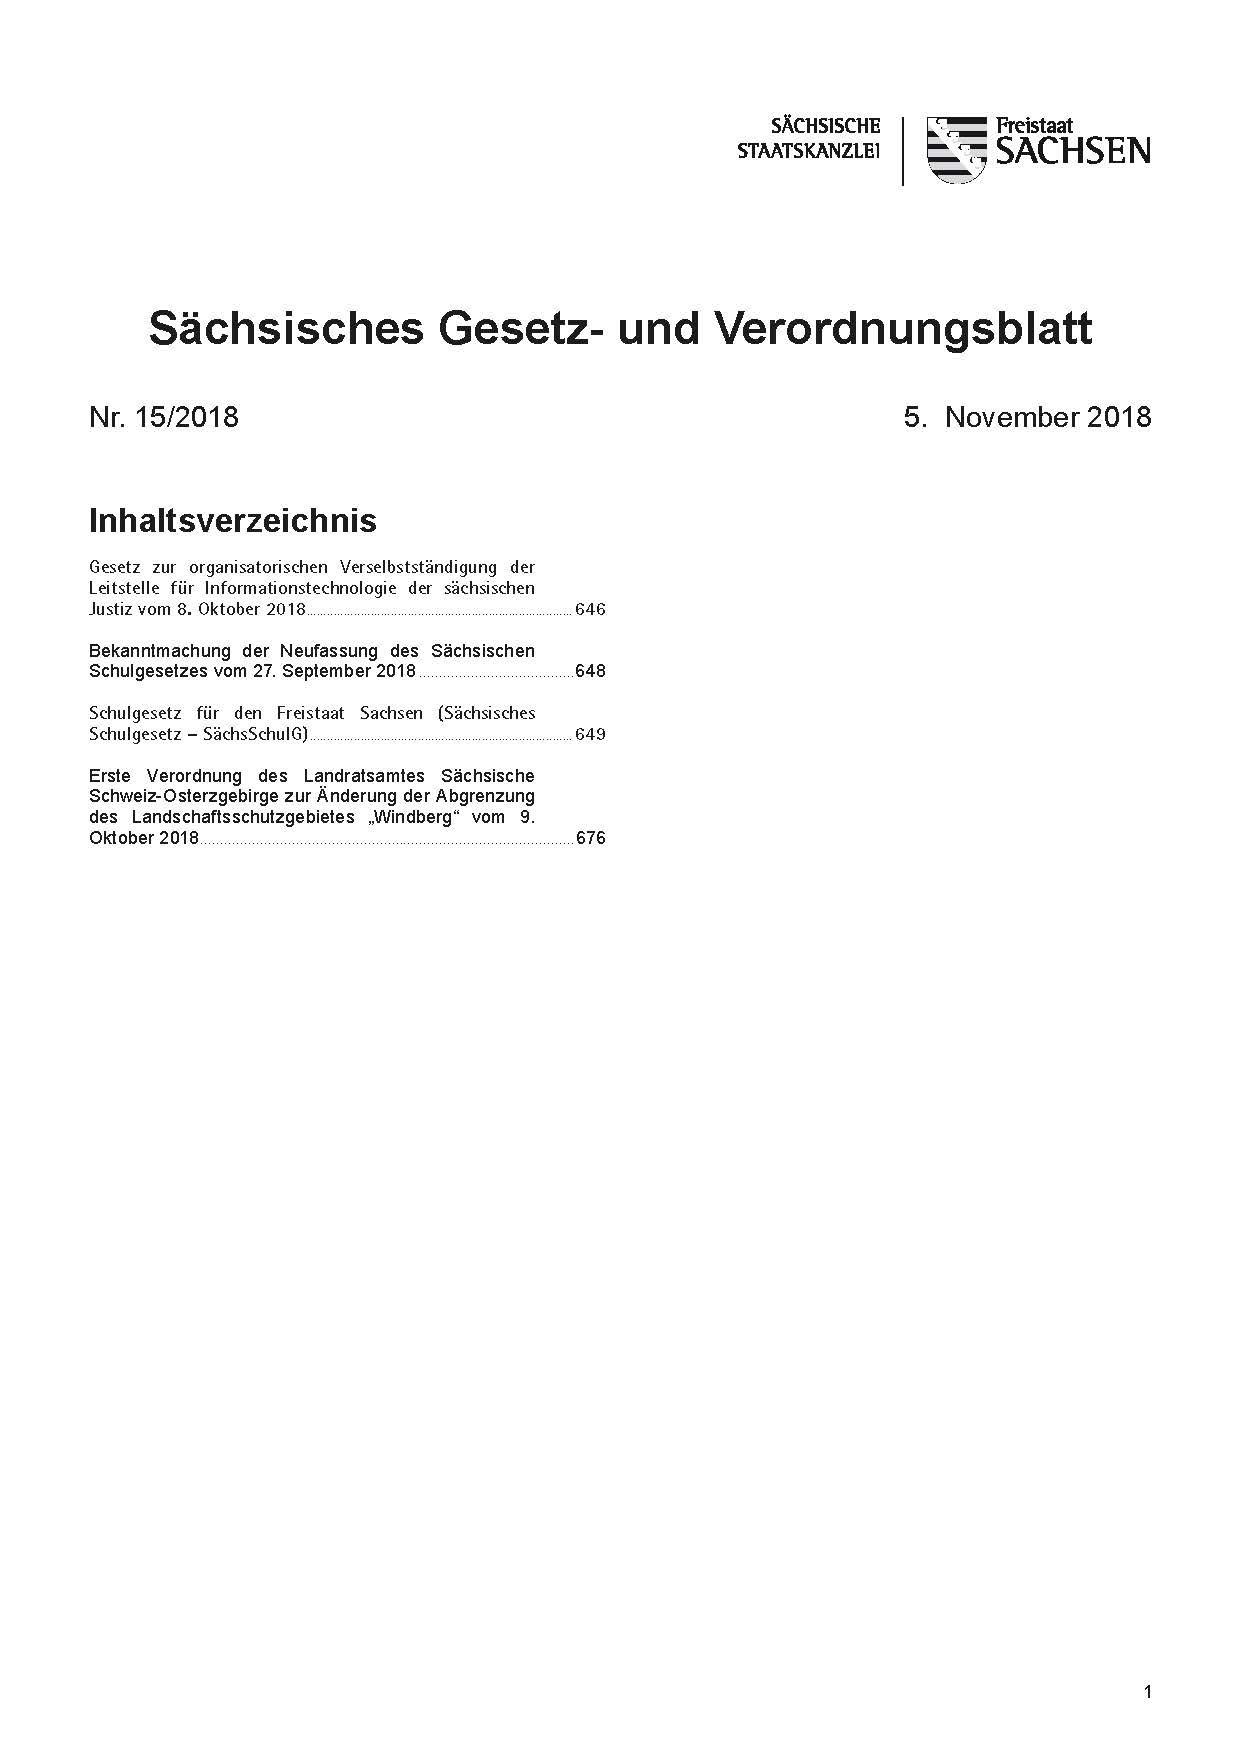 Sächsisches Gesetz- und Verordnungsblatt Heft 04/2019